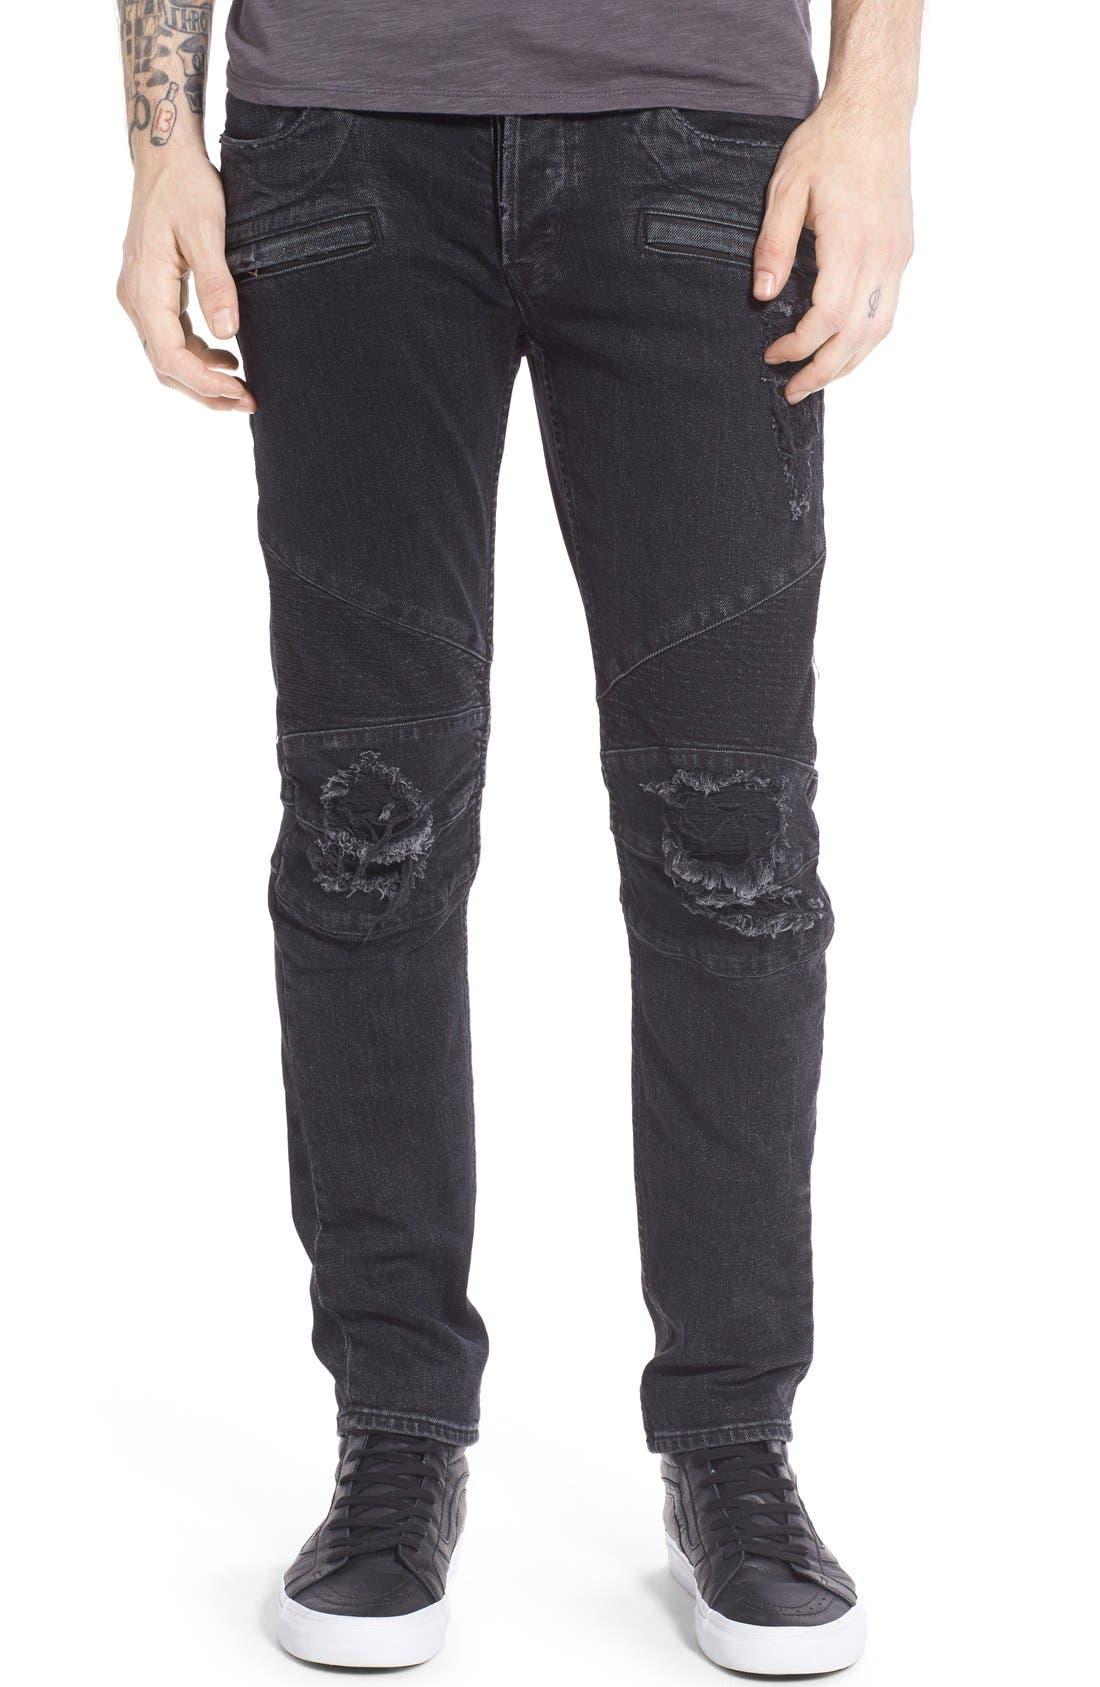 Main Image - Hudson Jeans 'Blinder' Skinny Fit Moto Jeans (Hostile)